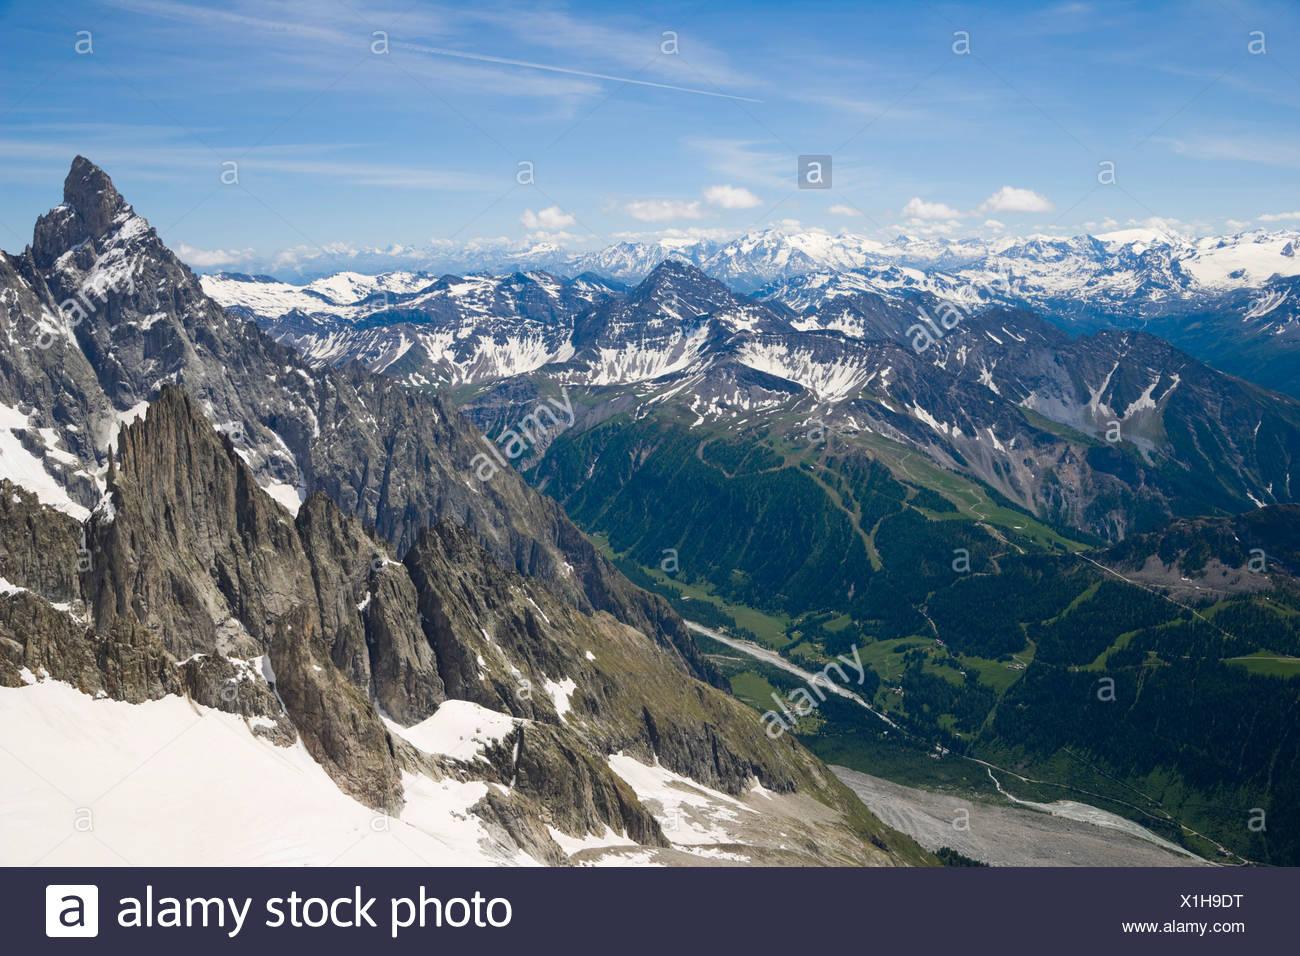 Aiguille Noire de Peuterey, Les Glaciers de la Vanoise, La Grande Motte and Val Veny, Mont Blanc Massif, Alps, Italy, Europe - Stock Image